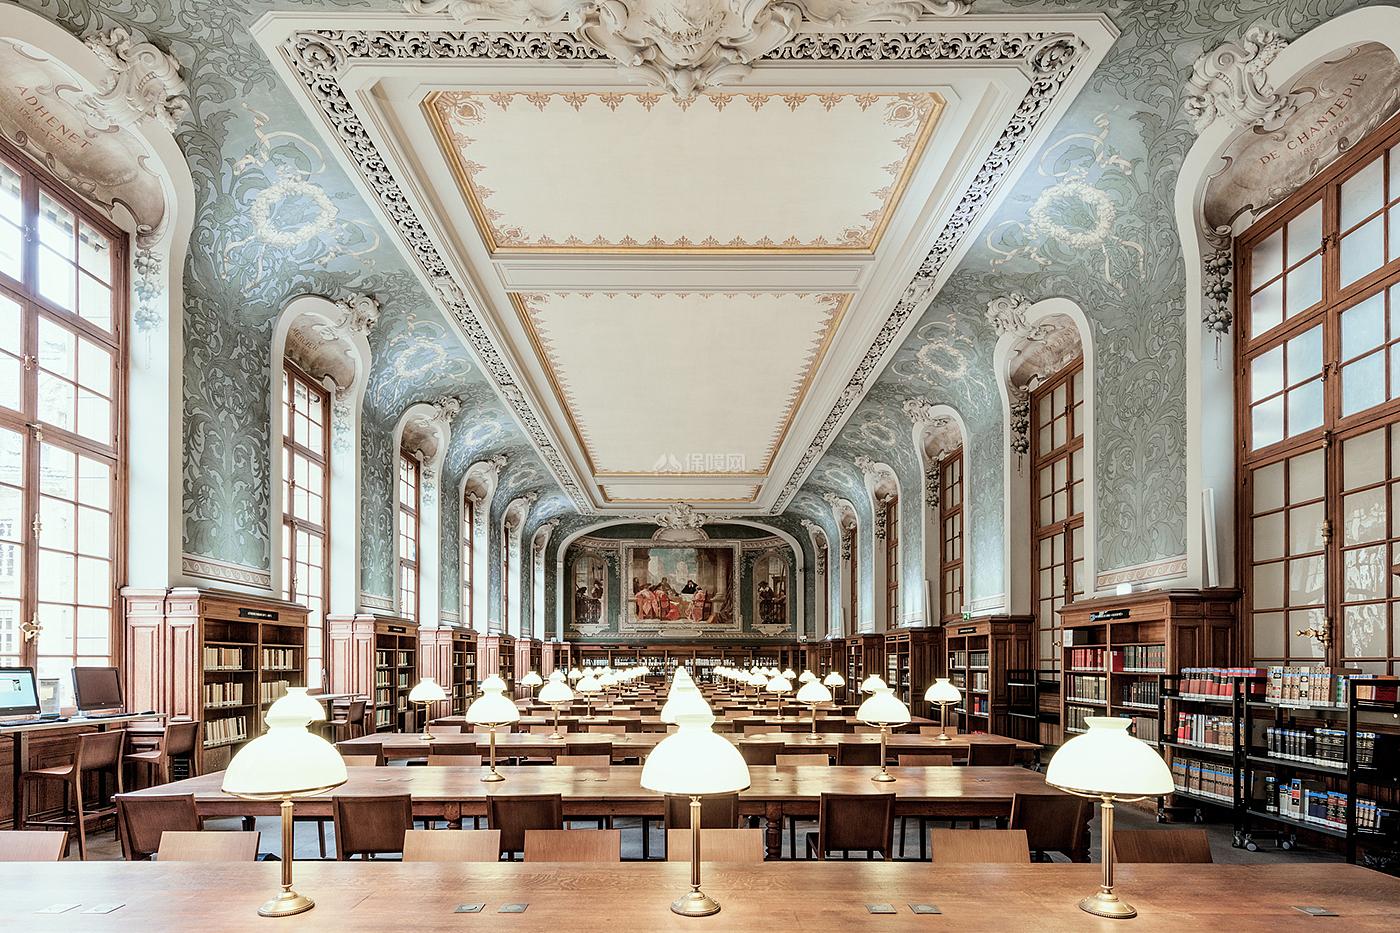 阶梯教室文化场馆之阅读区全景效果图